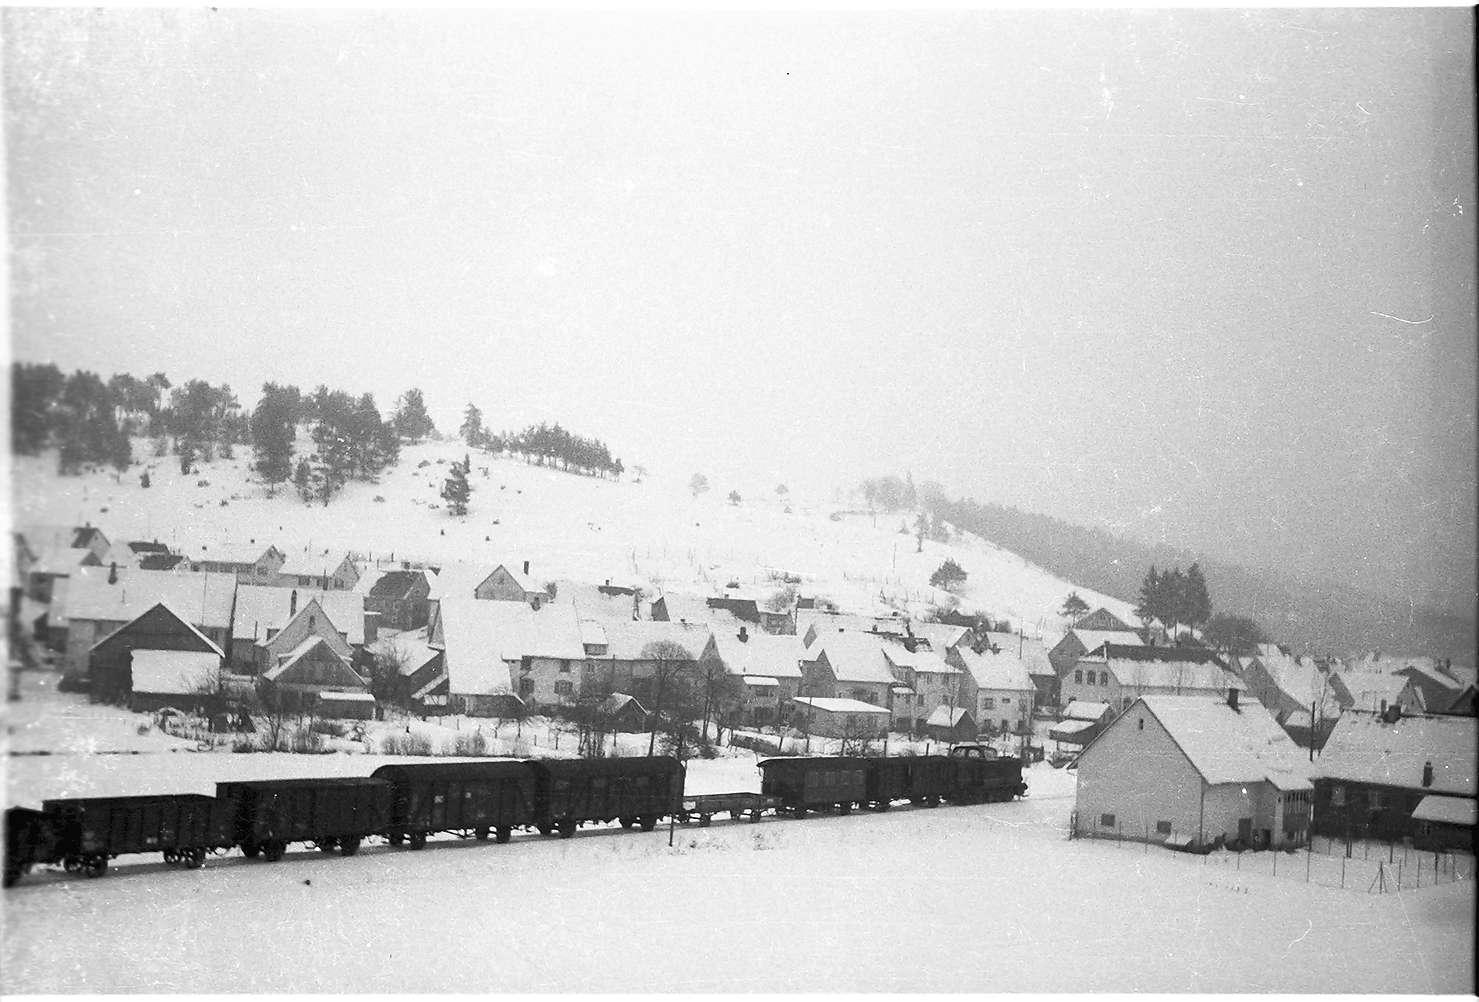 Blaue Diesellok V 500, Güterzug G(St) 305 W, Neufra, Bild 1